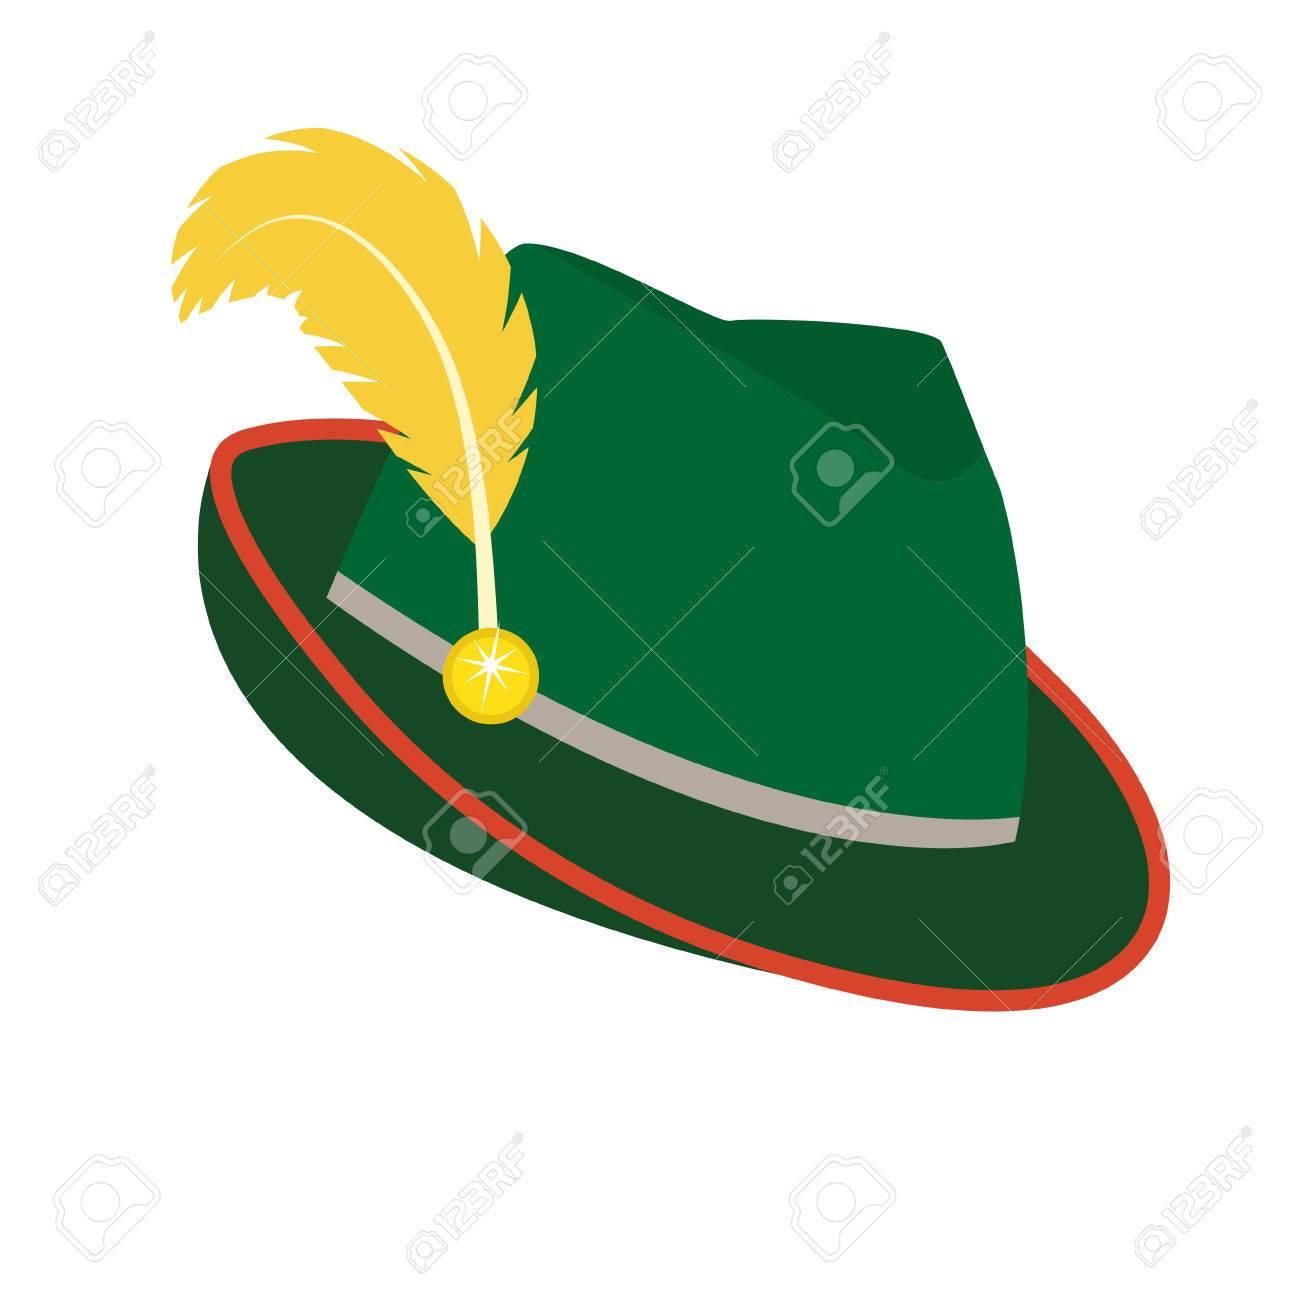 363da9751ec6d Foto de archivo - Oktoberfest sombrero icono estilo plano. Aislados en  fondo blanco. Sombrero alemán nacional verde. Ilustración del vector